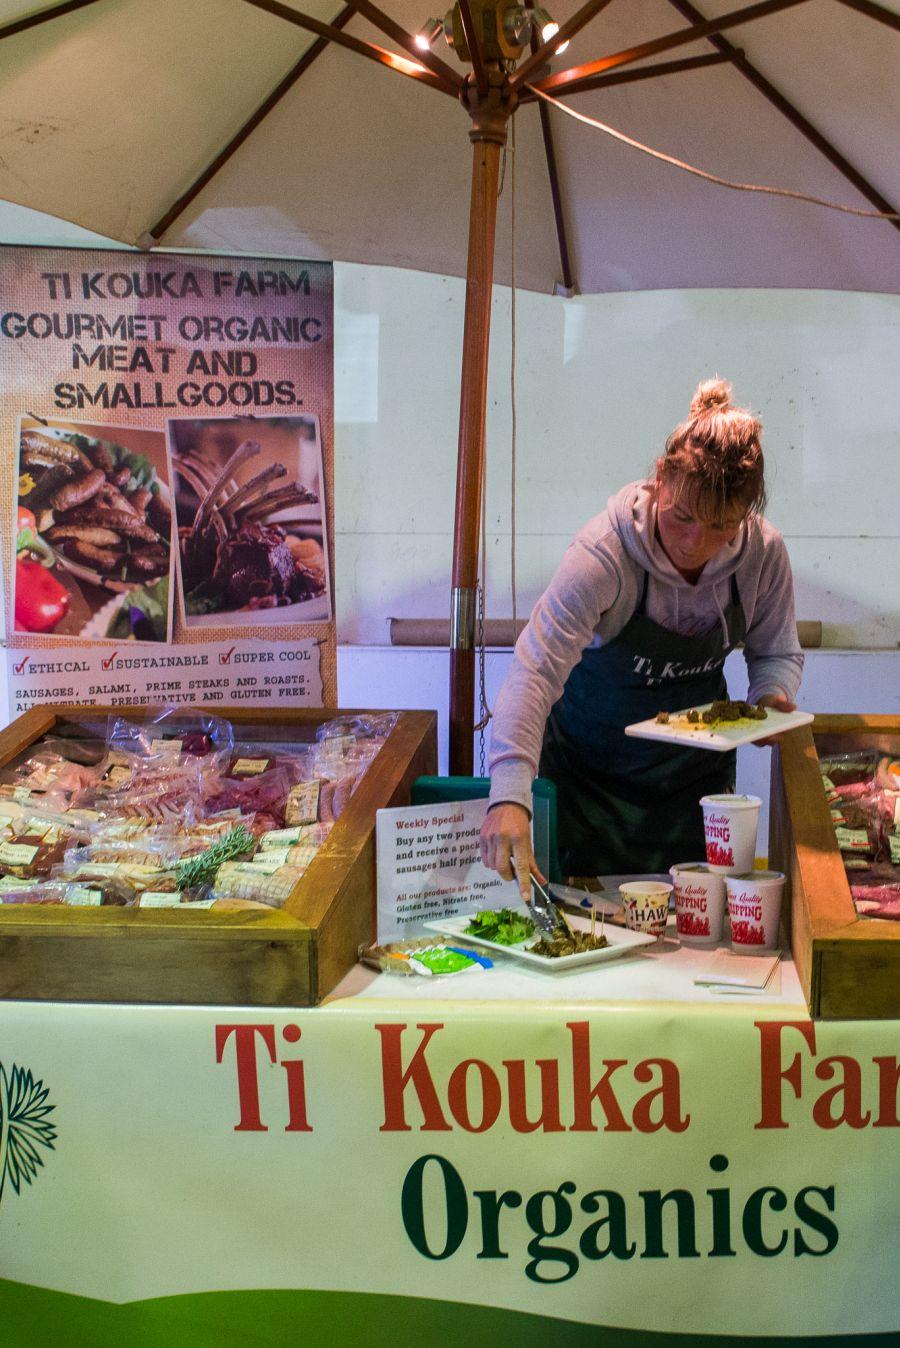 Ti Kouka Farm